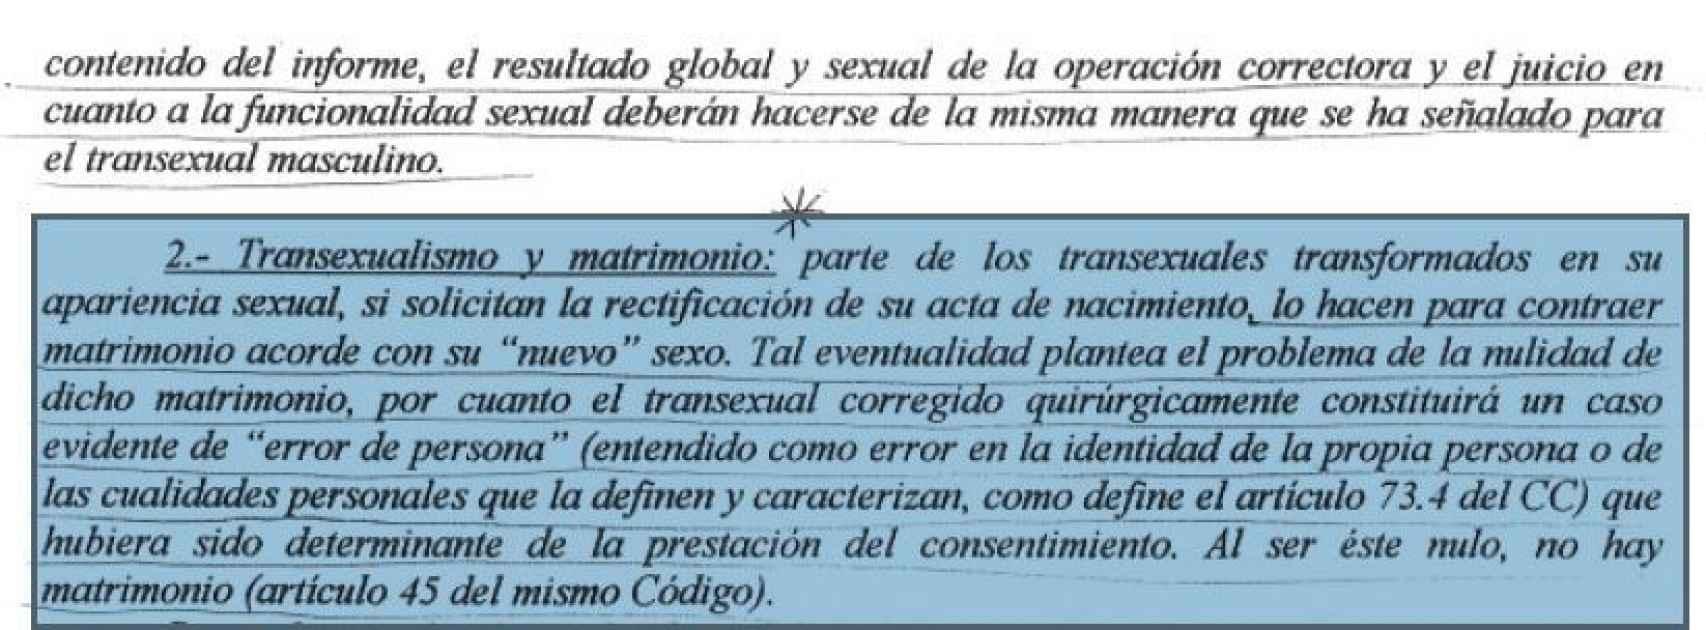 Imagen de los apuntes sobre transexualidad.